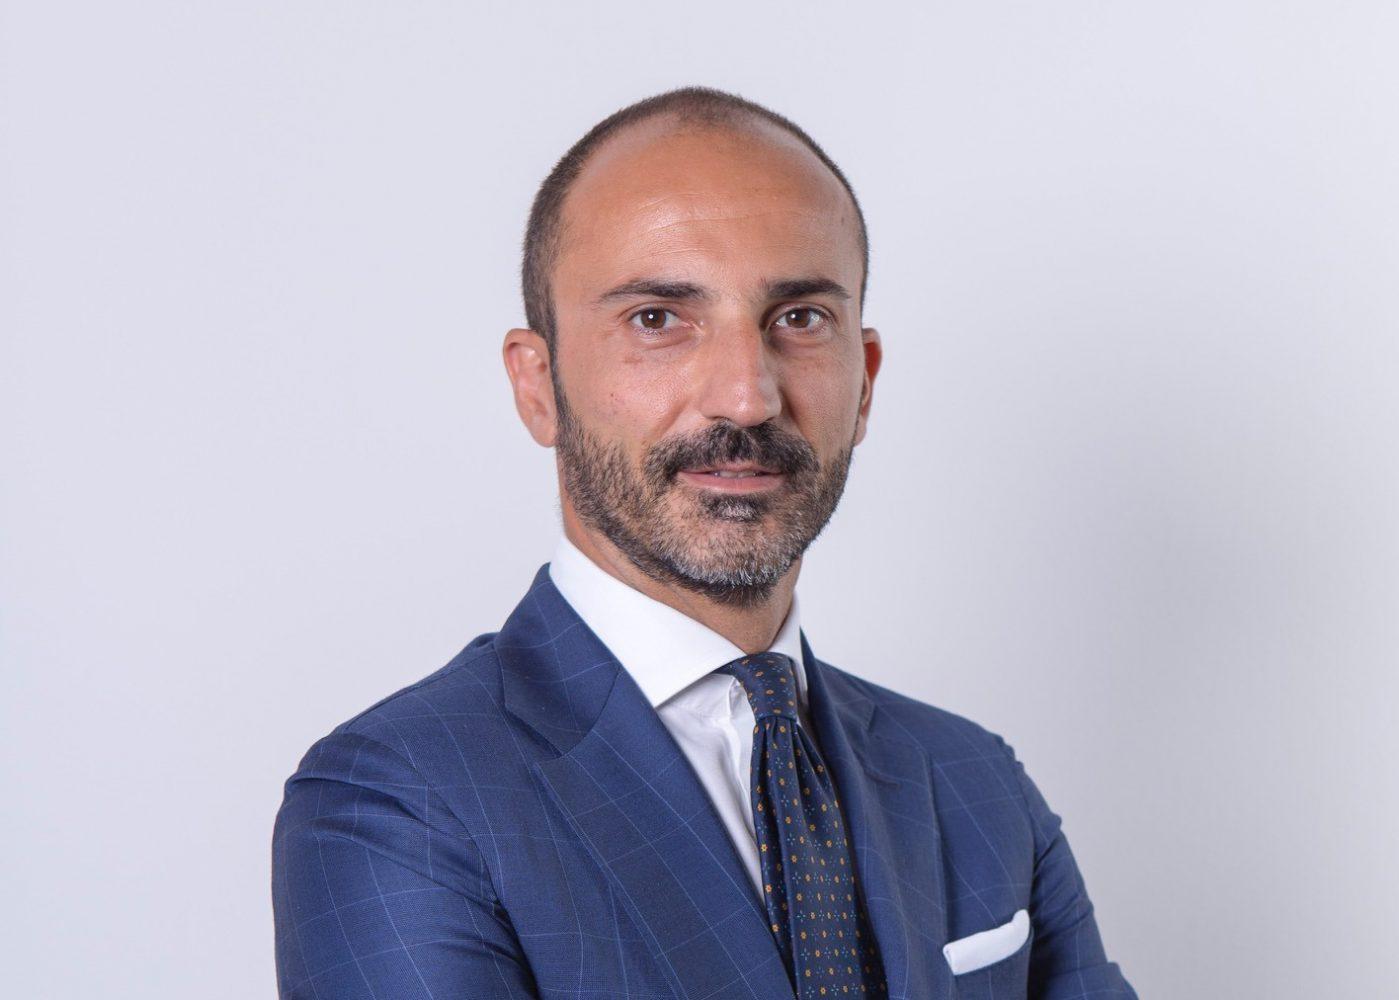 Valerio Chiaronzi (2) Imc